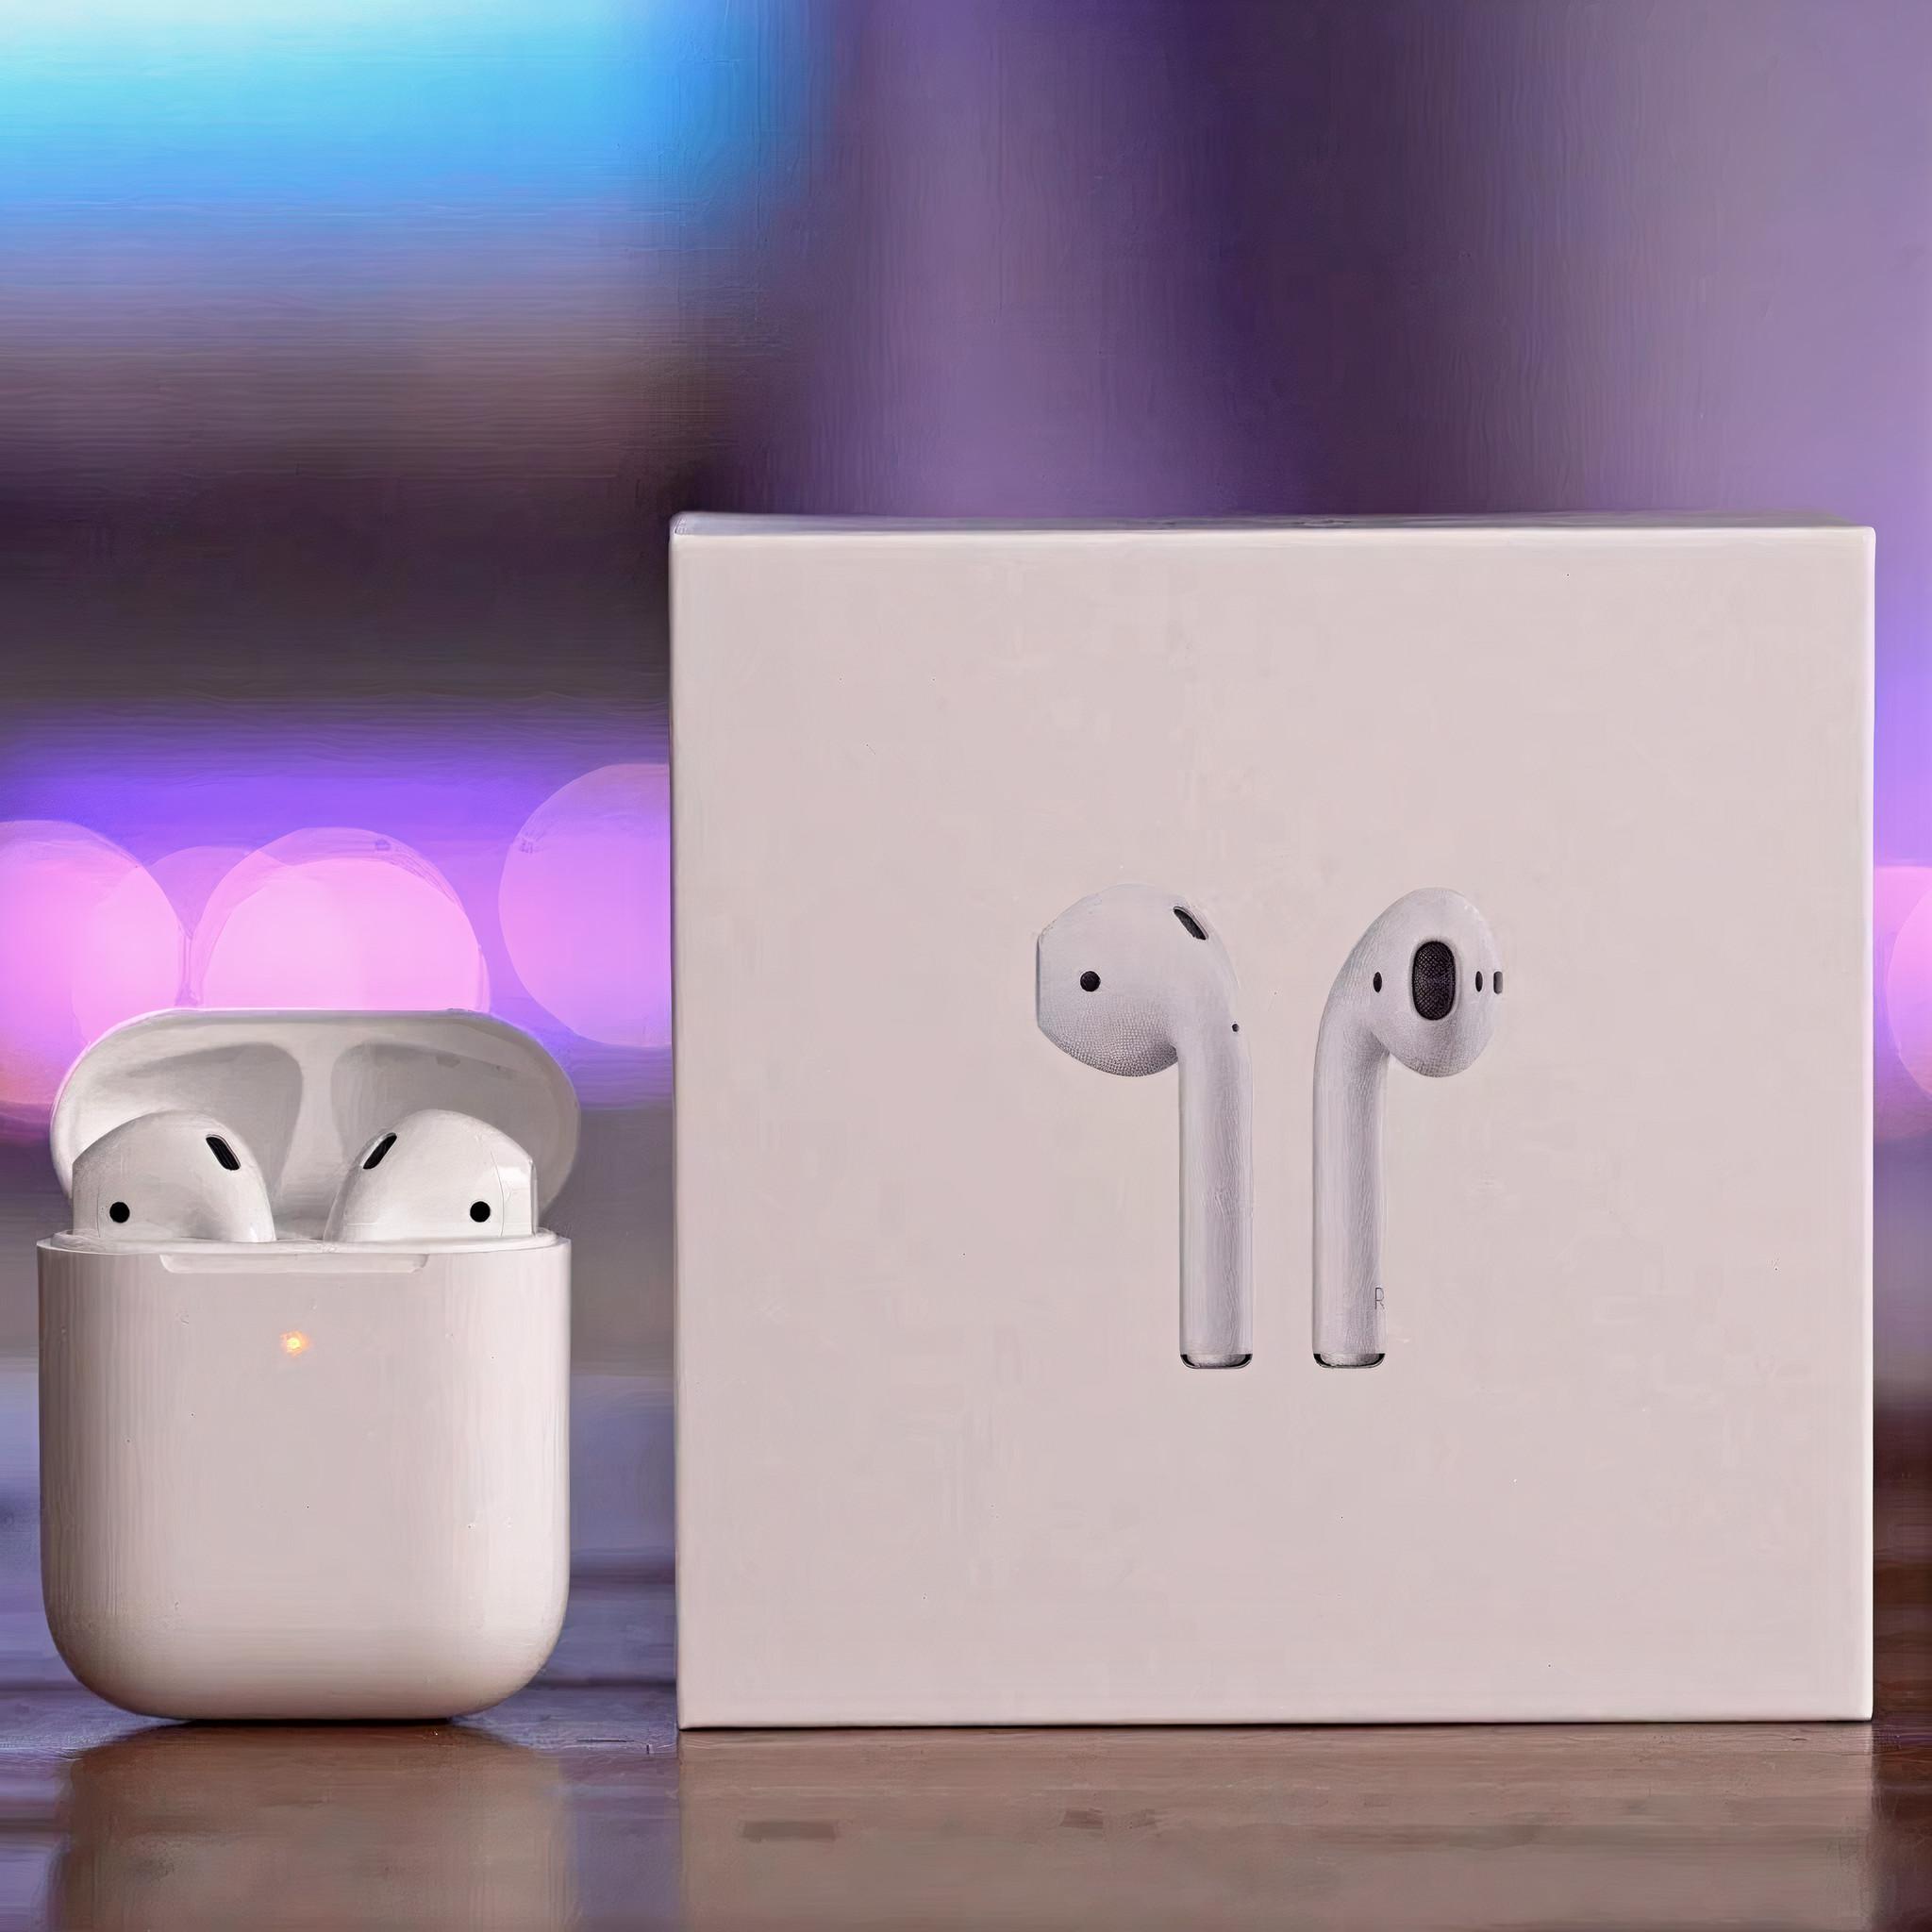 Tai Nghe Bluetooth AIRPODS 2 Bản Cao Cấp Định Vị Đổi Tên Bản Full Chức Năng Dùng Cho IOS và Android Bảo Hành 6 Tháng